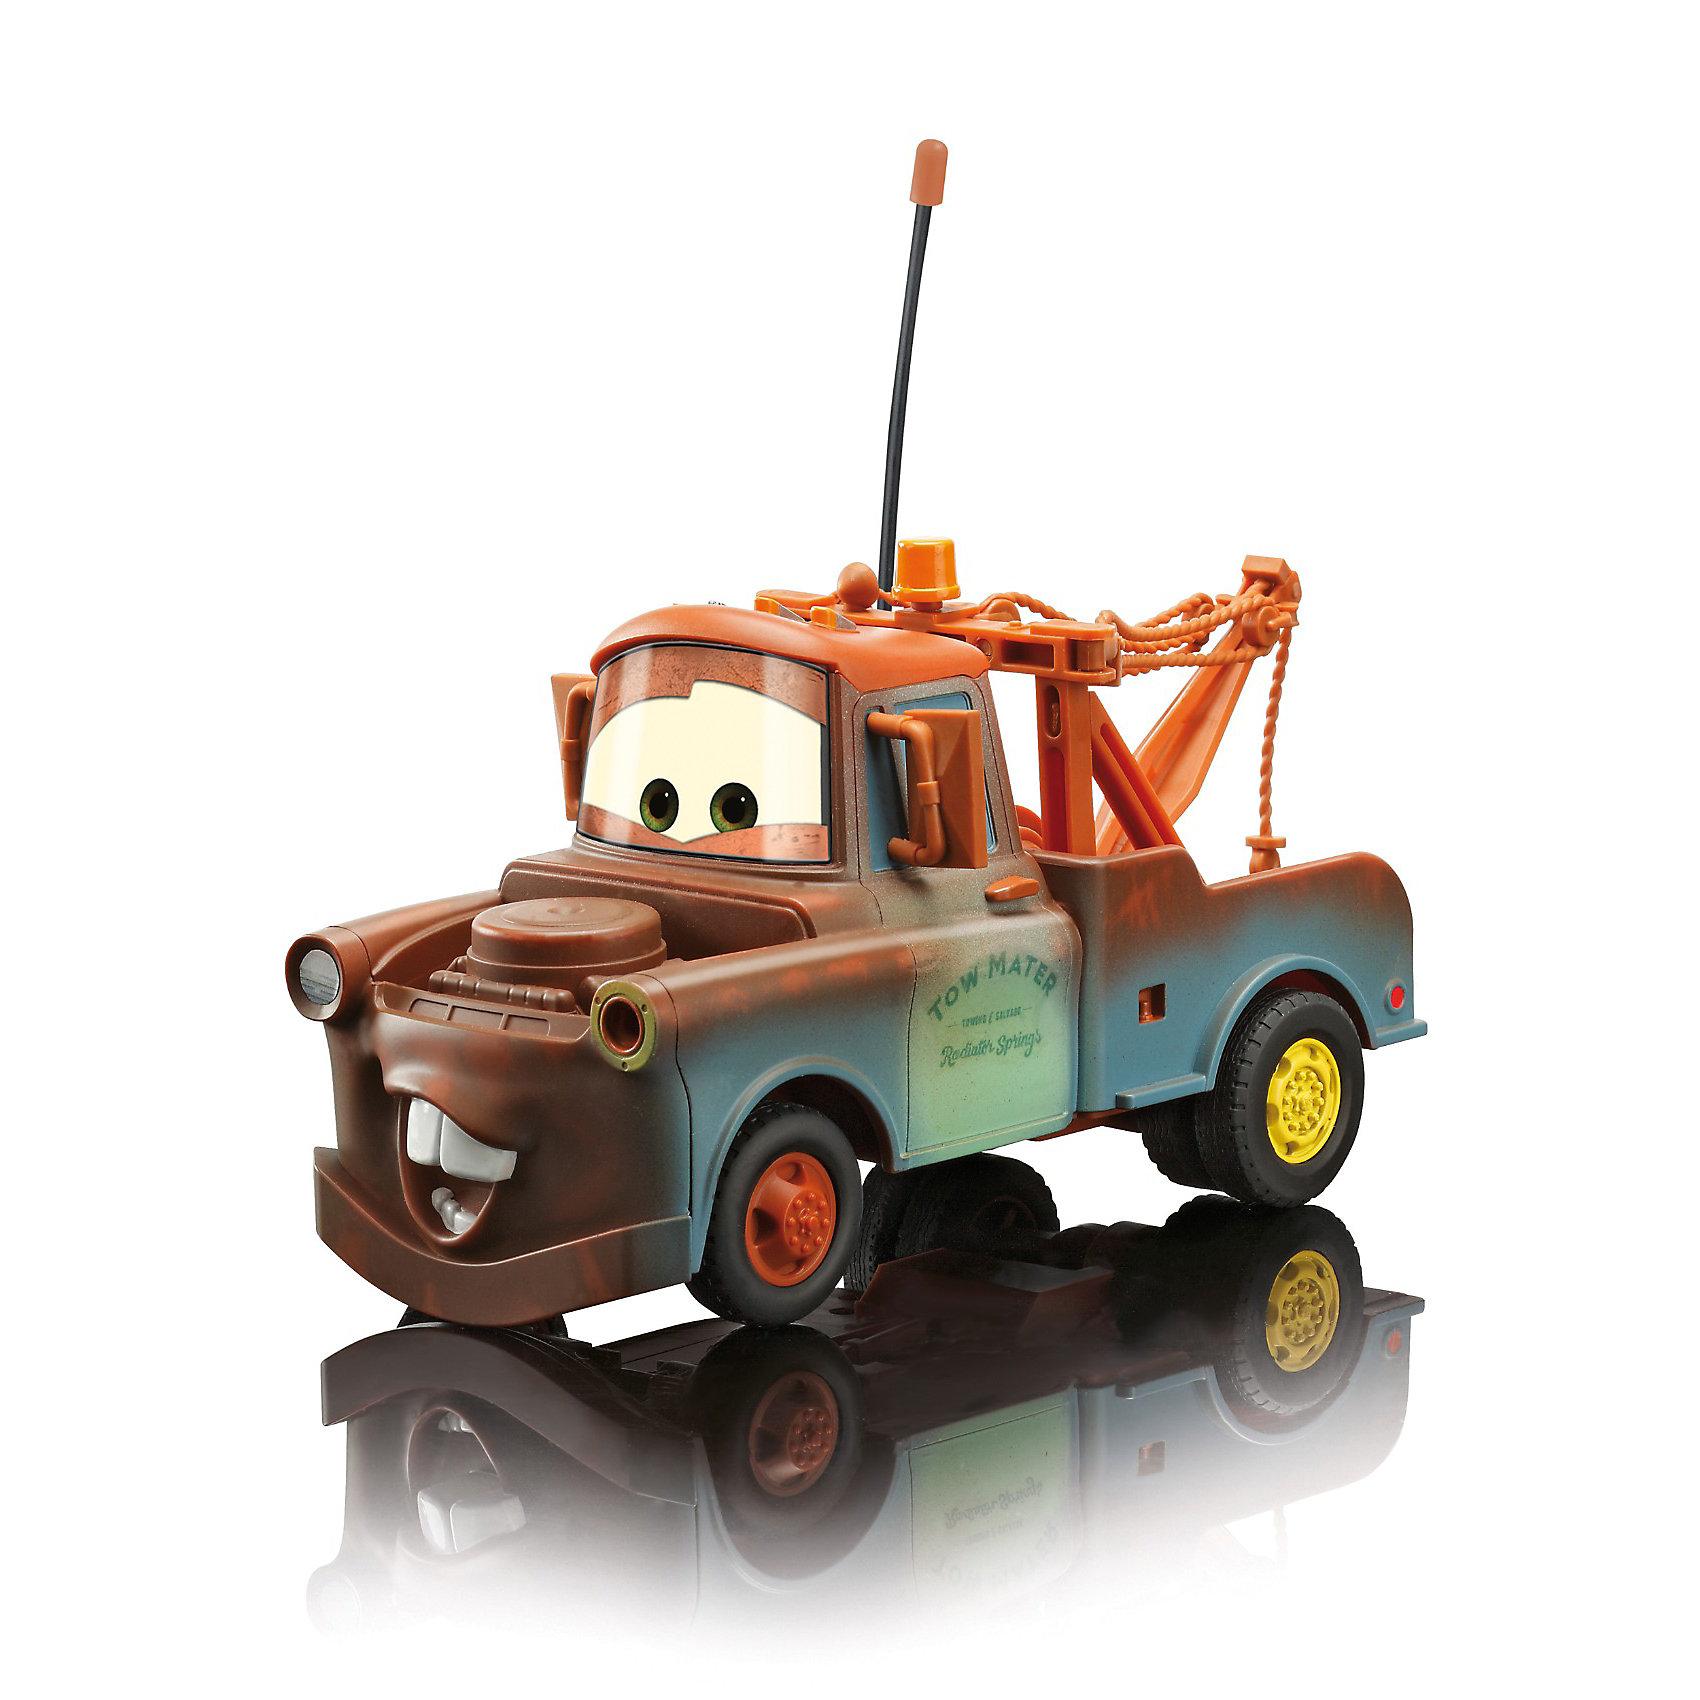 Машинка Mater на р/у, Тачки, 19 смИдеи подарков<br>Машинка Mater Dickie на радиоуправлении порадует всех юных поклонников  мультсериала Тачки (Cars). Мэтр (Mater) - один из главных персонажей мультфильма, веселый грузовик-эвакуатор, который помогает выбраться машинам из ям и канав. Внешний вид машинки полностью соответствует своему мультперсонажу. <br><br>С помощью пульта управления машинка может выполнять различные маневры: постепенно набирать скорость, двигаться вперед-назад, влево-вправо. Пульт и сама машинка оснащены антеннами с пластмассовыми наконечниками. Частота 27+40 МГц. Колеса широкие, прорезиненные.<br><br>Дополнительная информация:<br><br>- Масштаб: 1:24.<br>- Материал: пластмасса.<br>- Требуются батарейки: в пульт - 3х1,5V LR03(AAA), в машинку - 3х1,5V LR6(AA) (в комплект не входят).<br>- Размер игрушки: 19 см.<br>- Размер упаковки: 30,3 х 15,3 х 14,9 см.<br>- Вес: 0,727 кг.<br><br>Машинку на радиоуправлении Mater Dickie можно купить в нашем интернет-магазине.<br><br>Ширина мм: 315<br>Глубина мм: 154<br>Высота мм: 154<br>Вес г: 701<br>Возраст от месяцев: 72<br>Возраст до месяцев: 120<br>Пол: Мужской<br>Возраст: Детский<br>SKU: 2200376